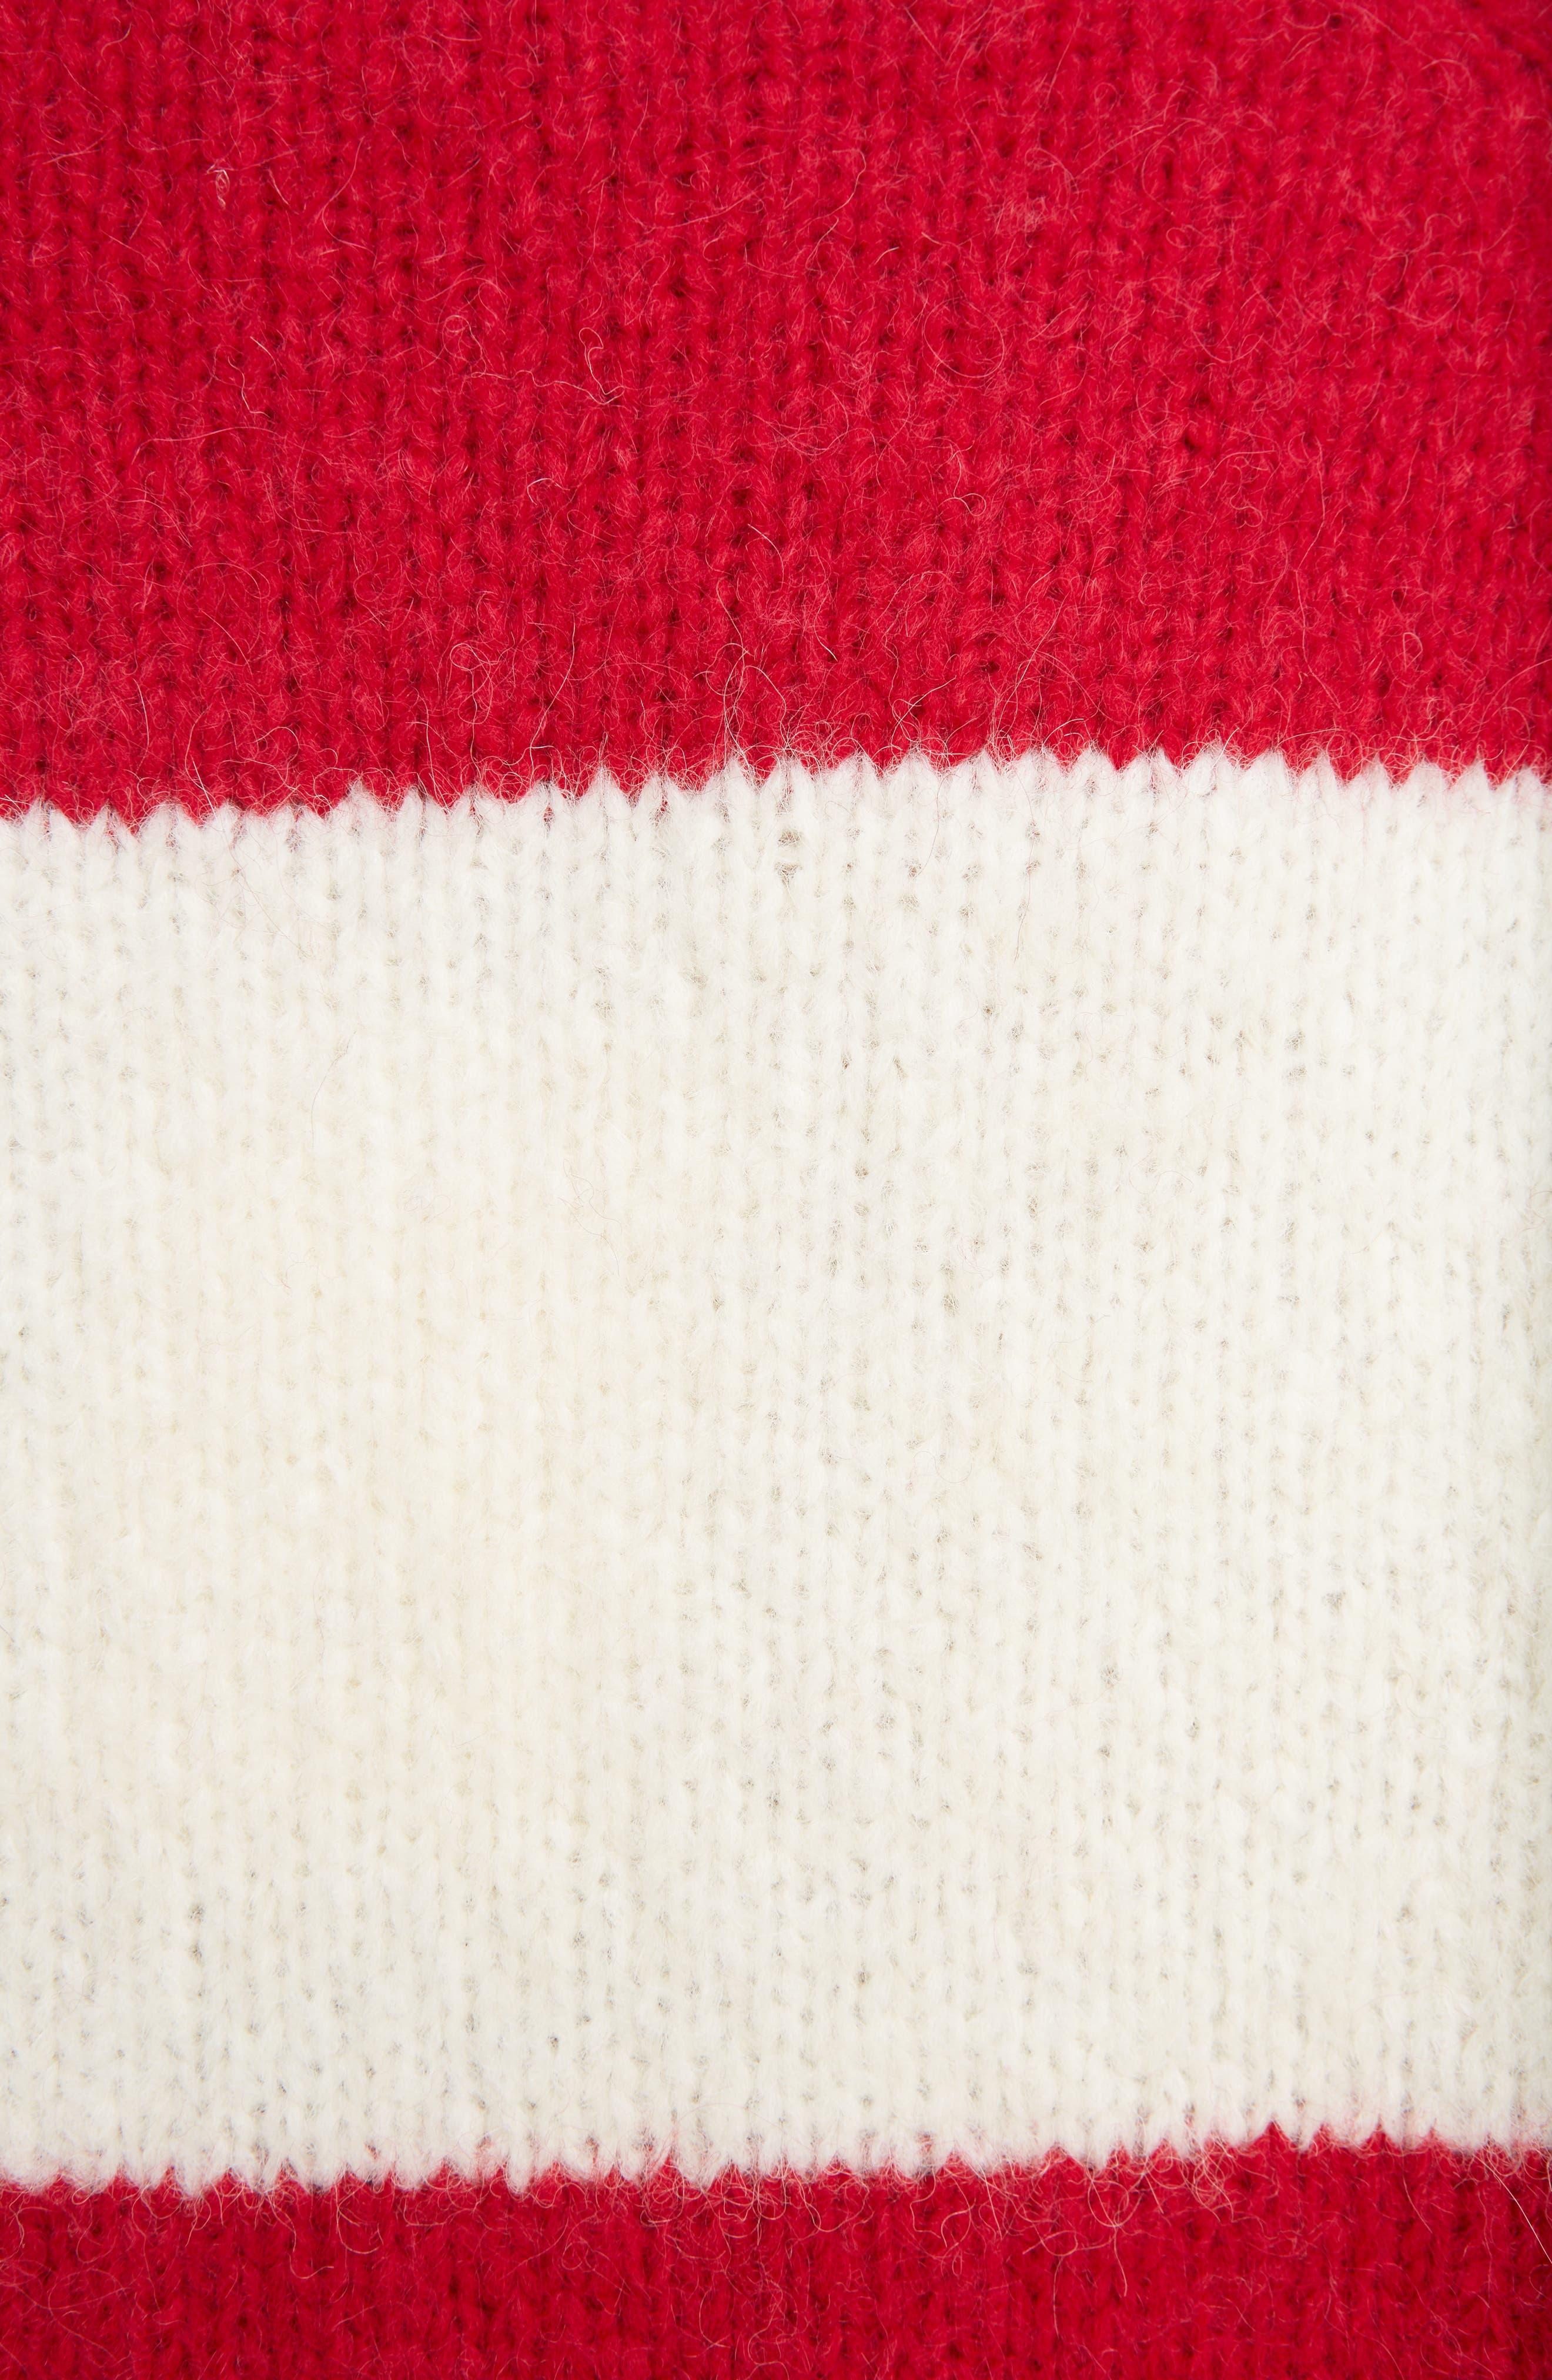 Albah Oversized Stripe Sweater,                             Alternate thumbnail 5, color,                             600